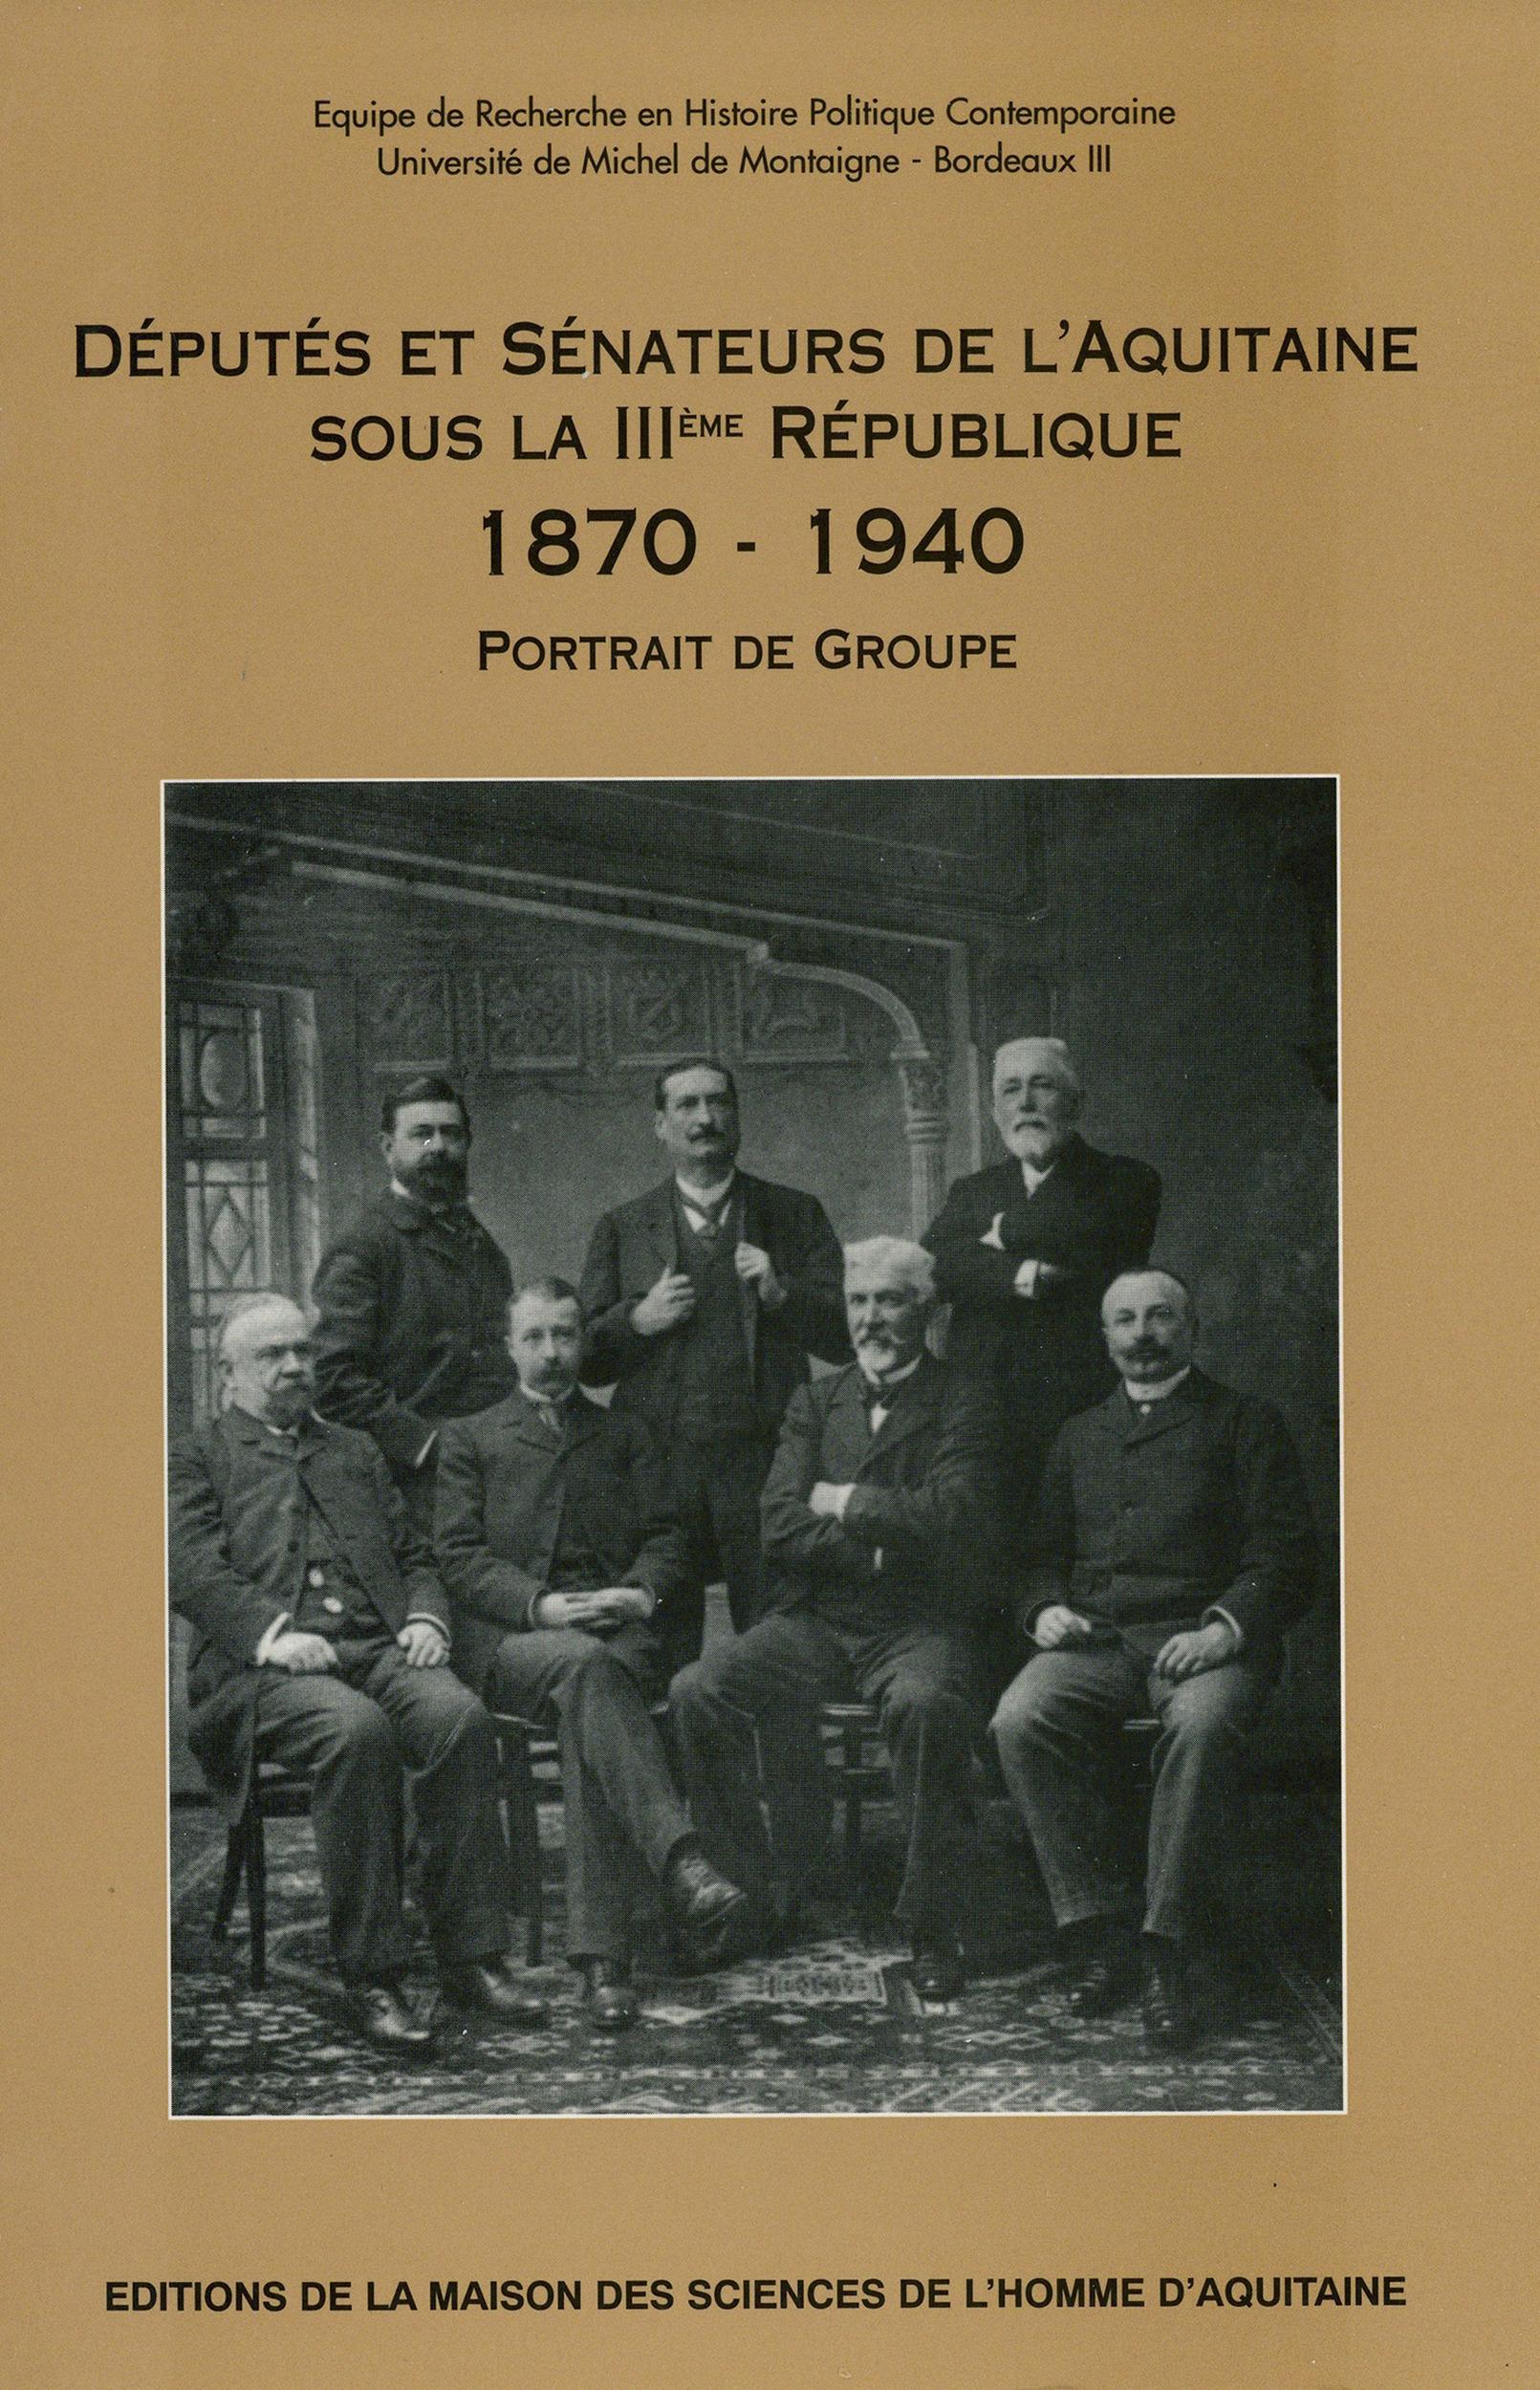 Députés et sénateurs de l´Aquitaine sous la IIIème République (1870-1940)